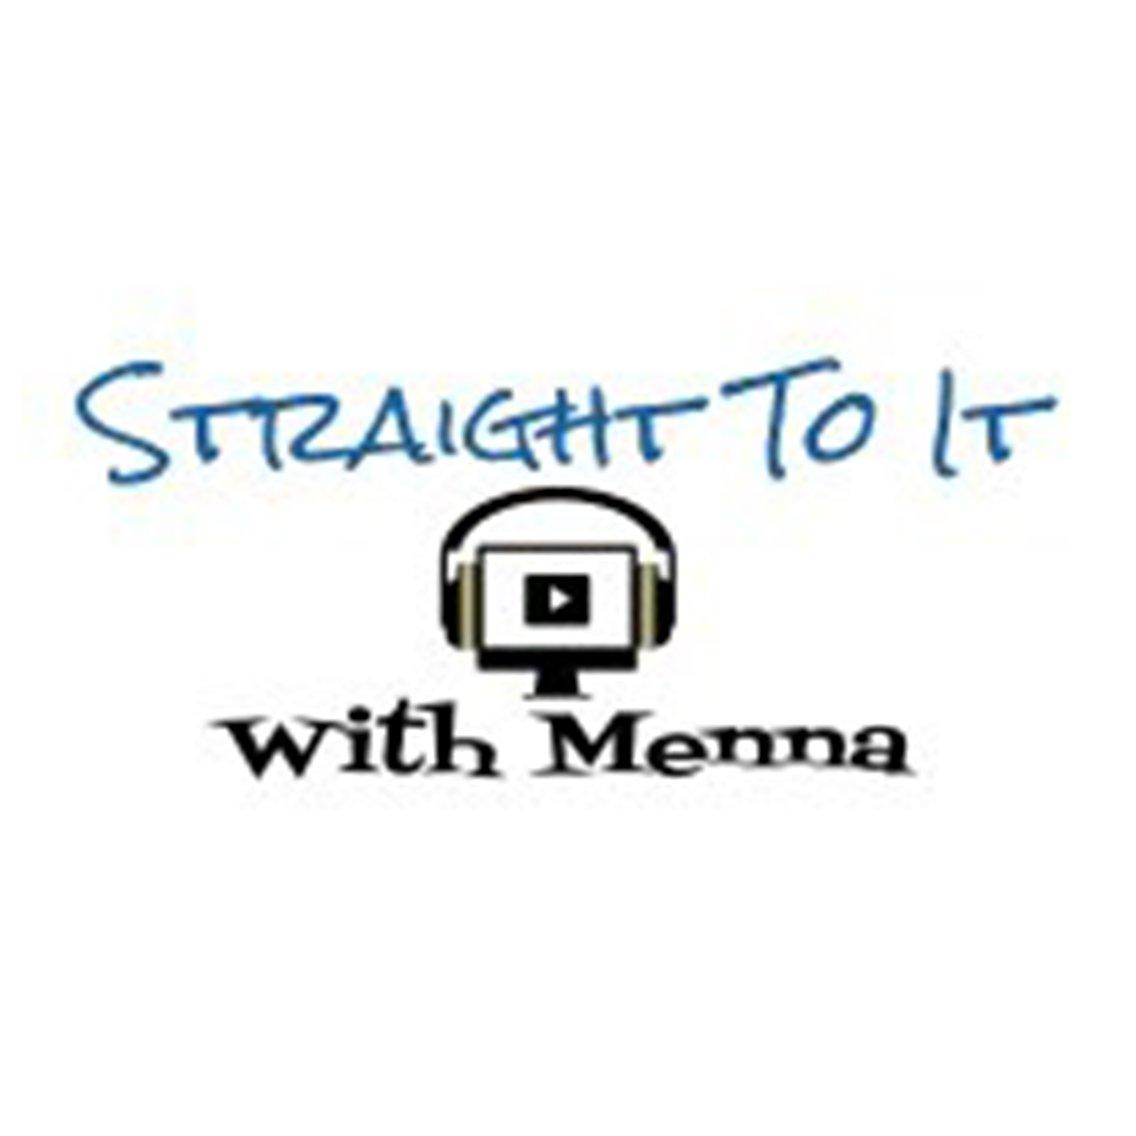 Straight To It with Menna - immagine di copertina